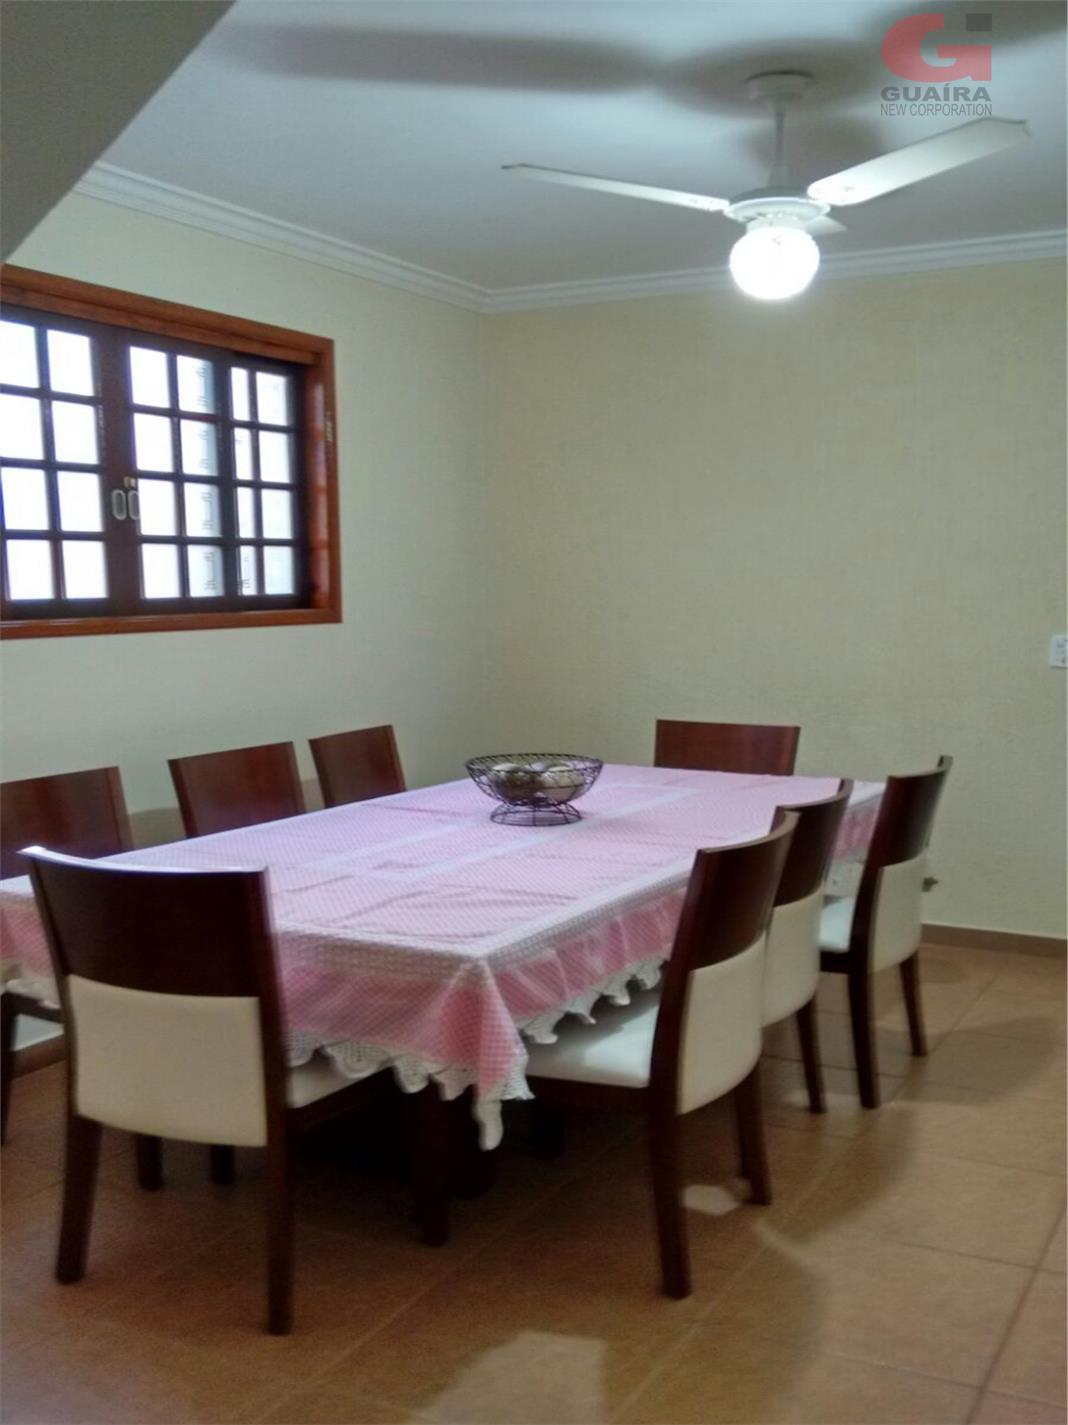 Sobrado de 2 dormitórios em Santa Terezinha, São Bernardo Do Campo - SP